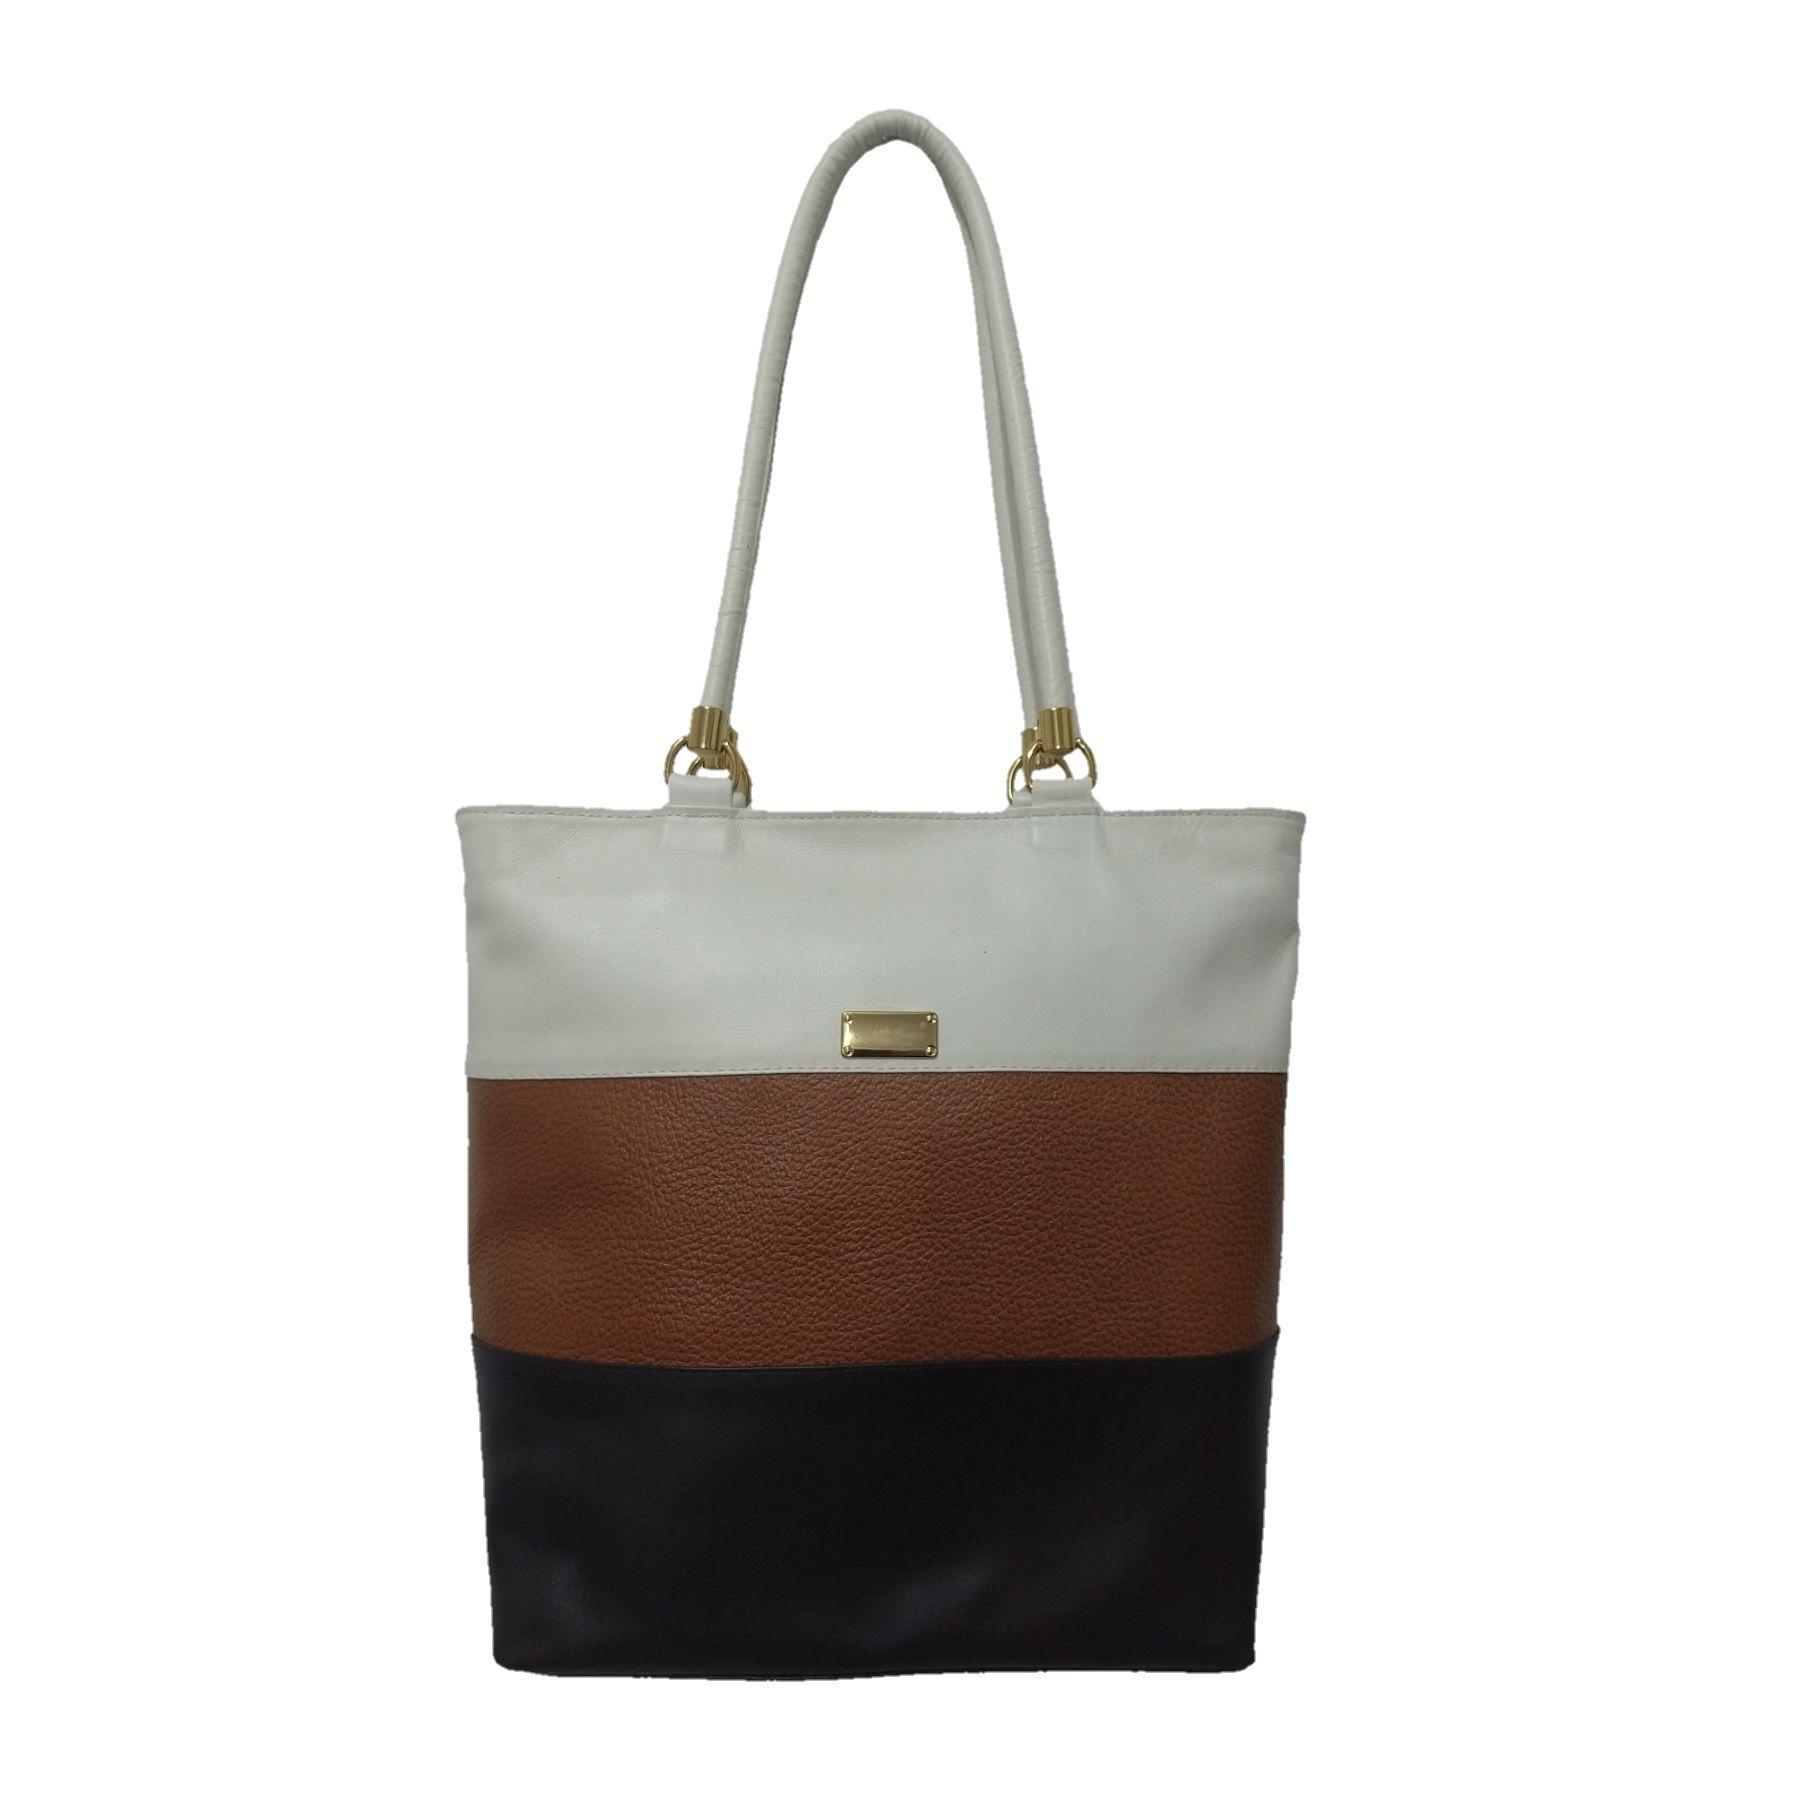 Bolsa Sacola TopGrife Shopper Couro Multicolorido - Promoção  - SAPATOWEB.COM